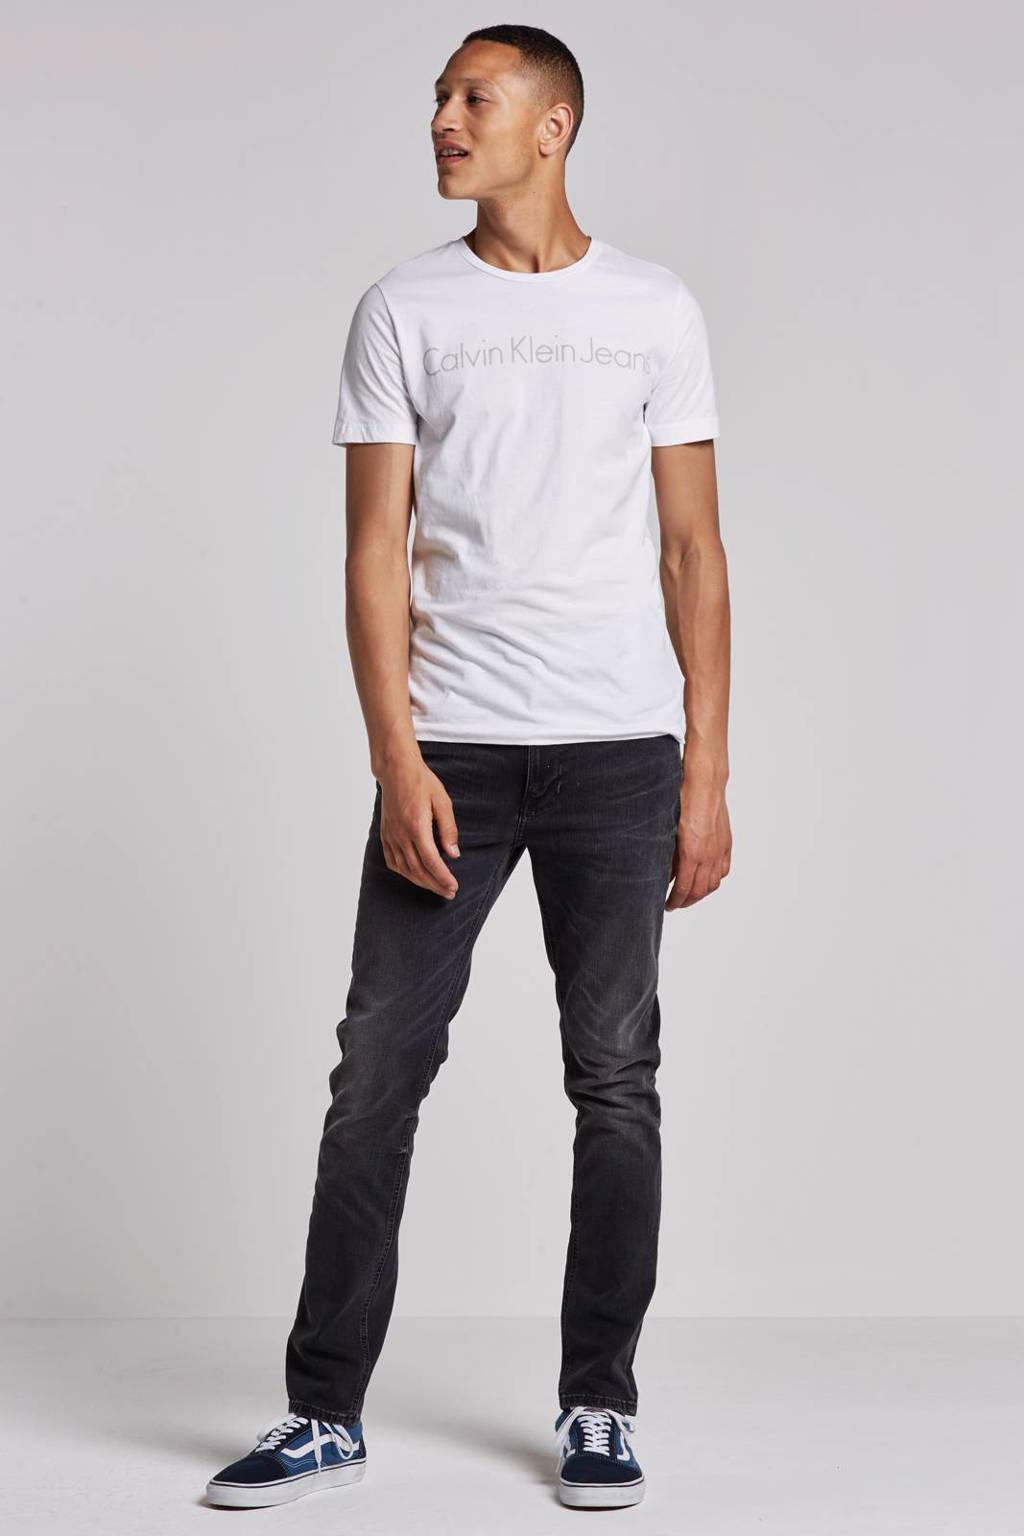 Nudie Jeans Lean Dean slim fit jeans, Black Sage